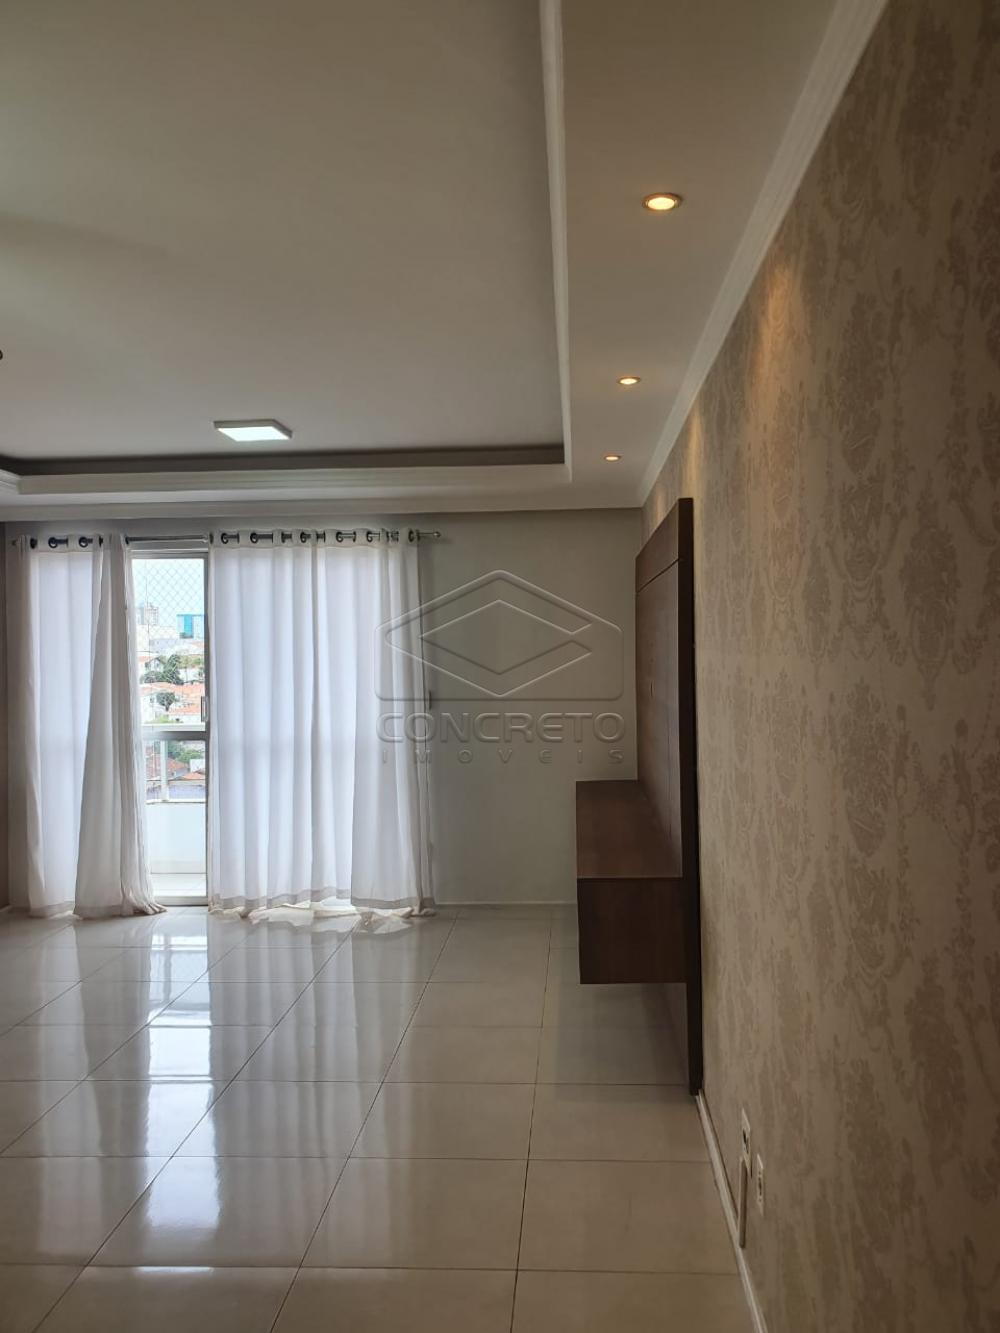 Comprar Apartamento / Padrão em Bauru apenas R$ 400.000,00 - Foto 19